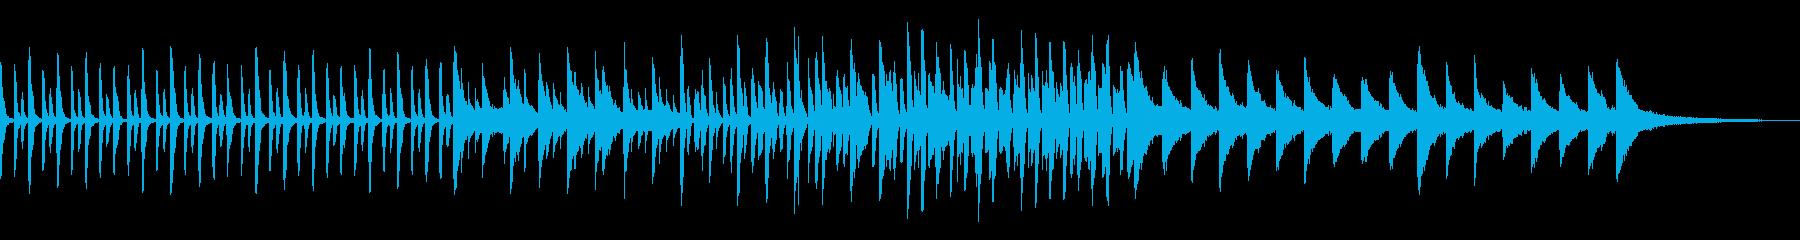 日常系で少し和風〜しっとりピアノ曲の再生済みの波形